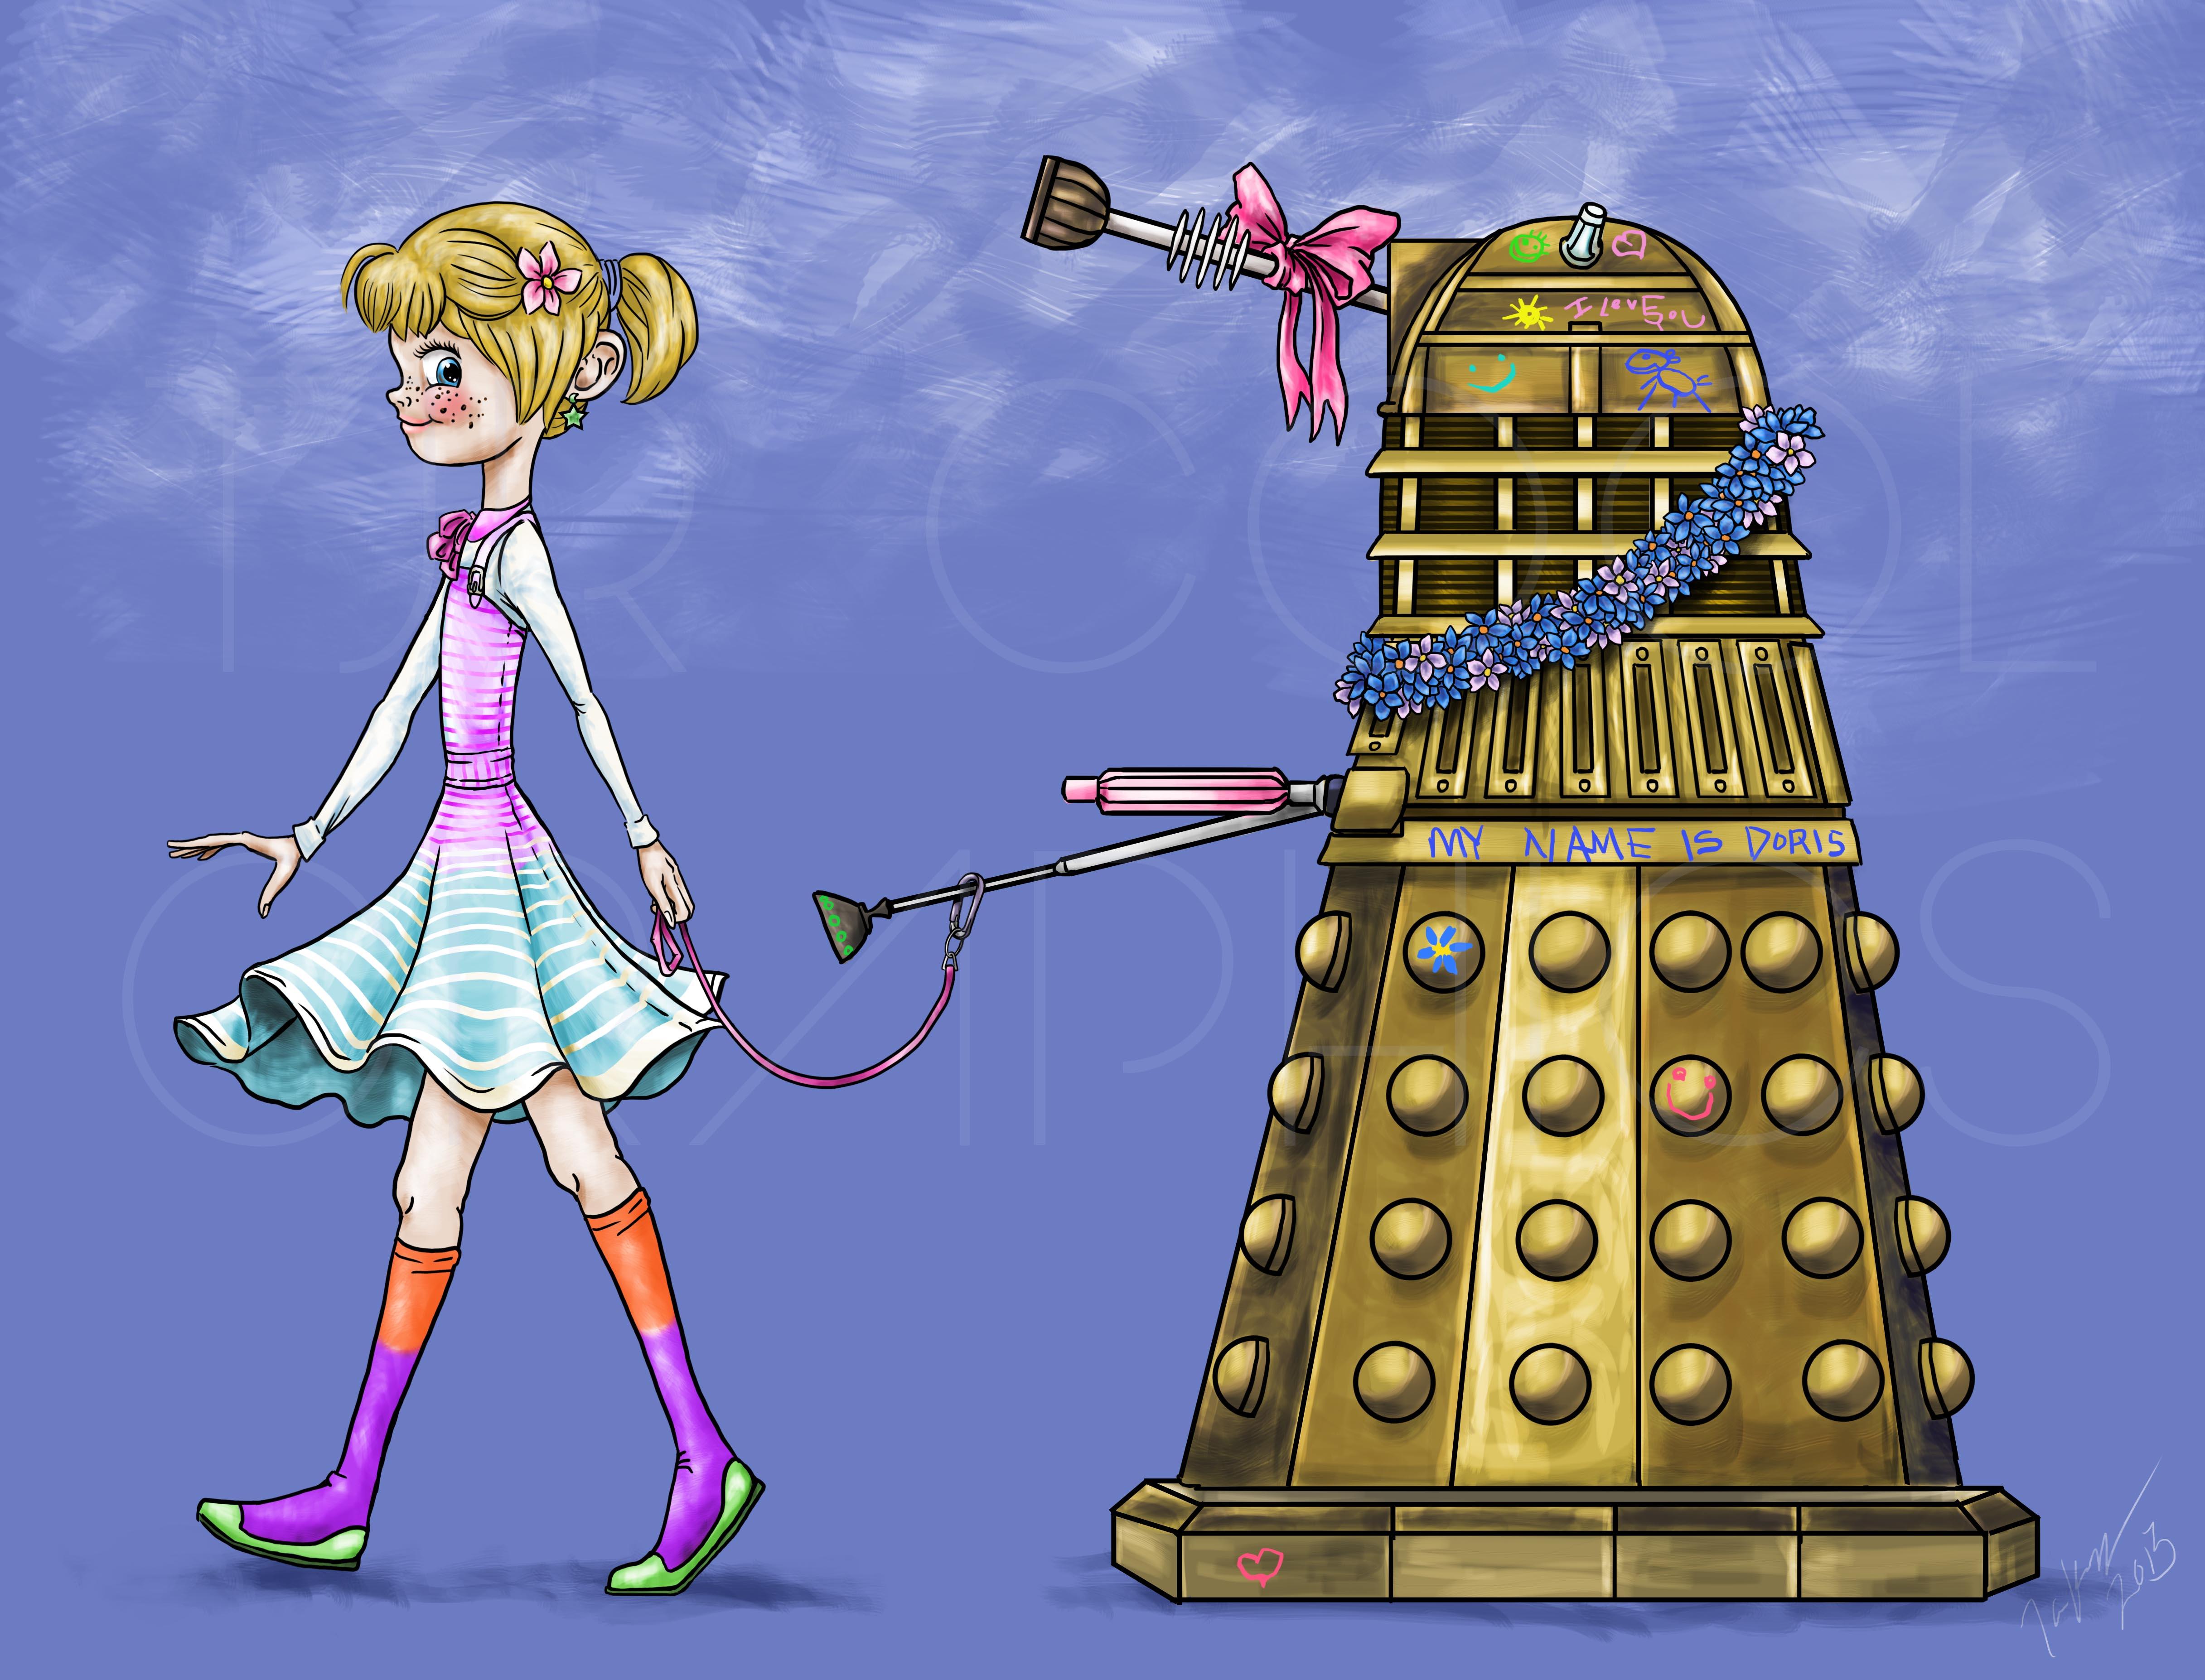 Girl and Dalek